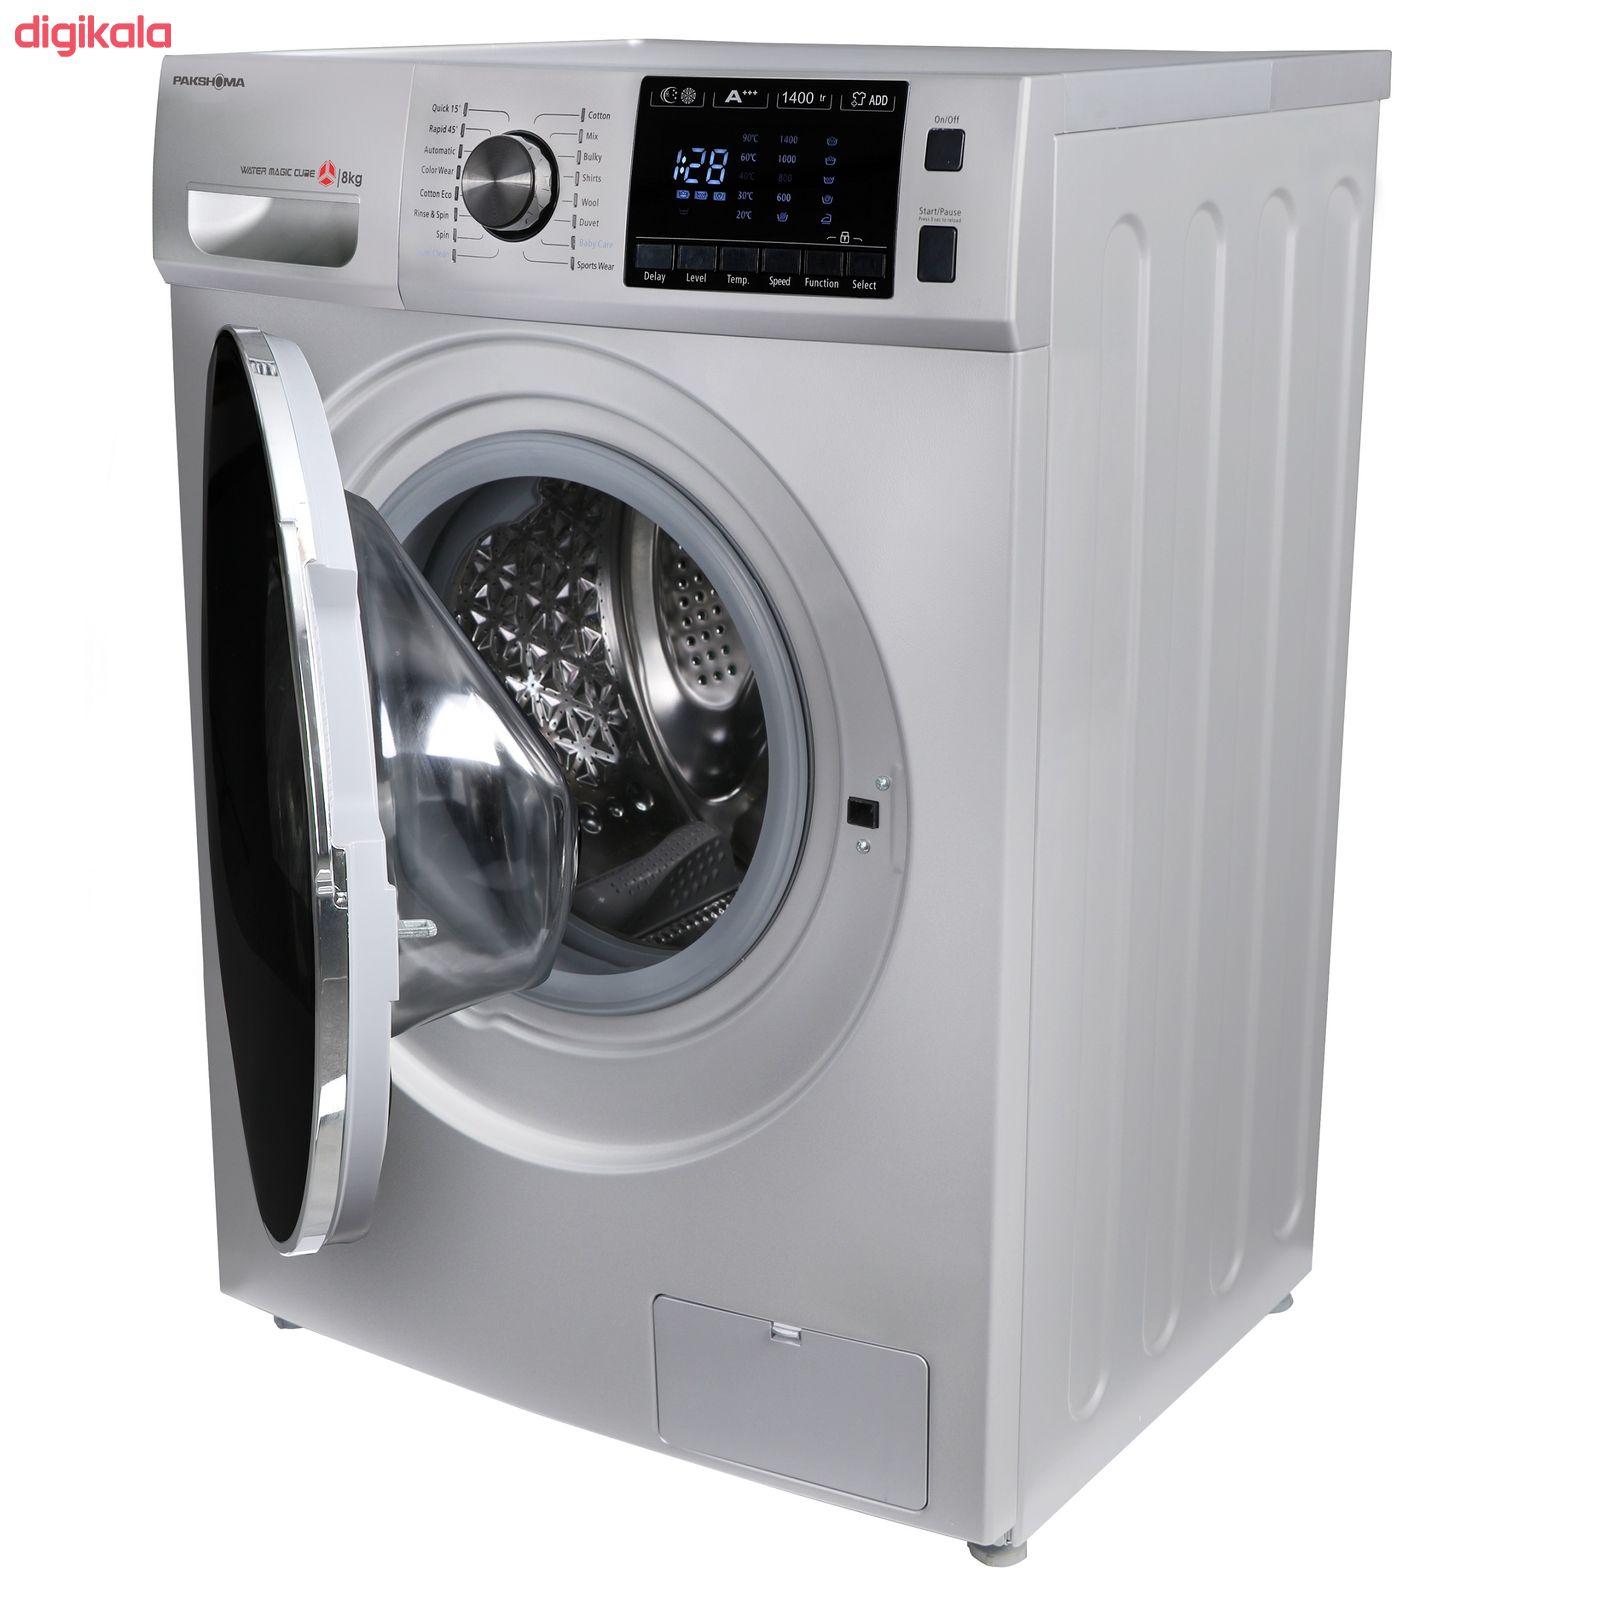 ماشین لباسشویی پاکشوما مدل TFU-84406 ظرفیت 8 کیلوگرم main 1 7